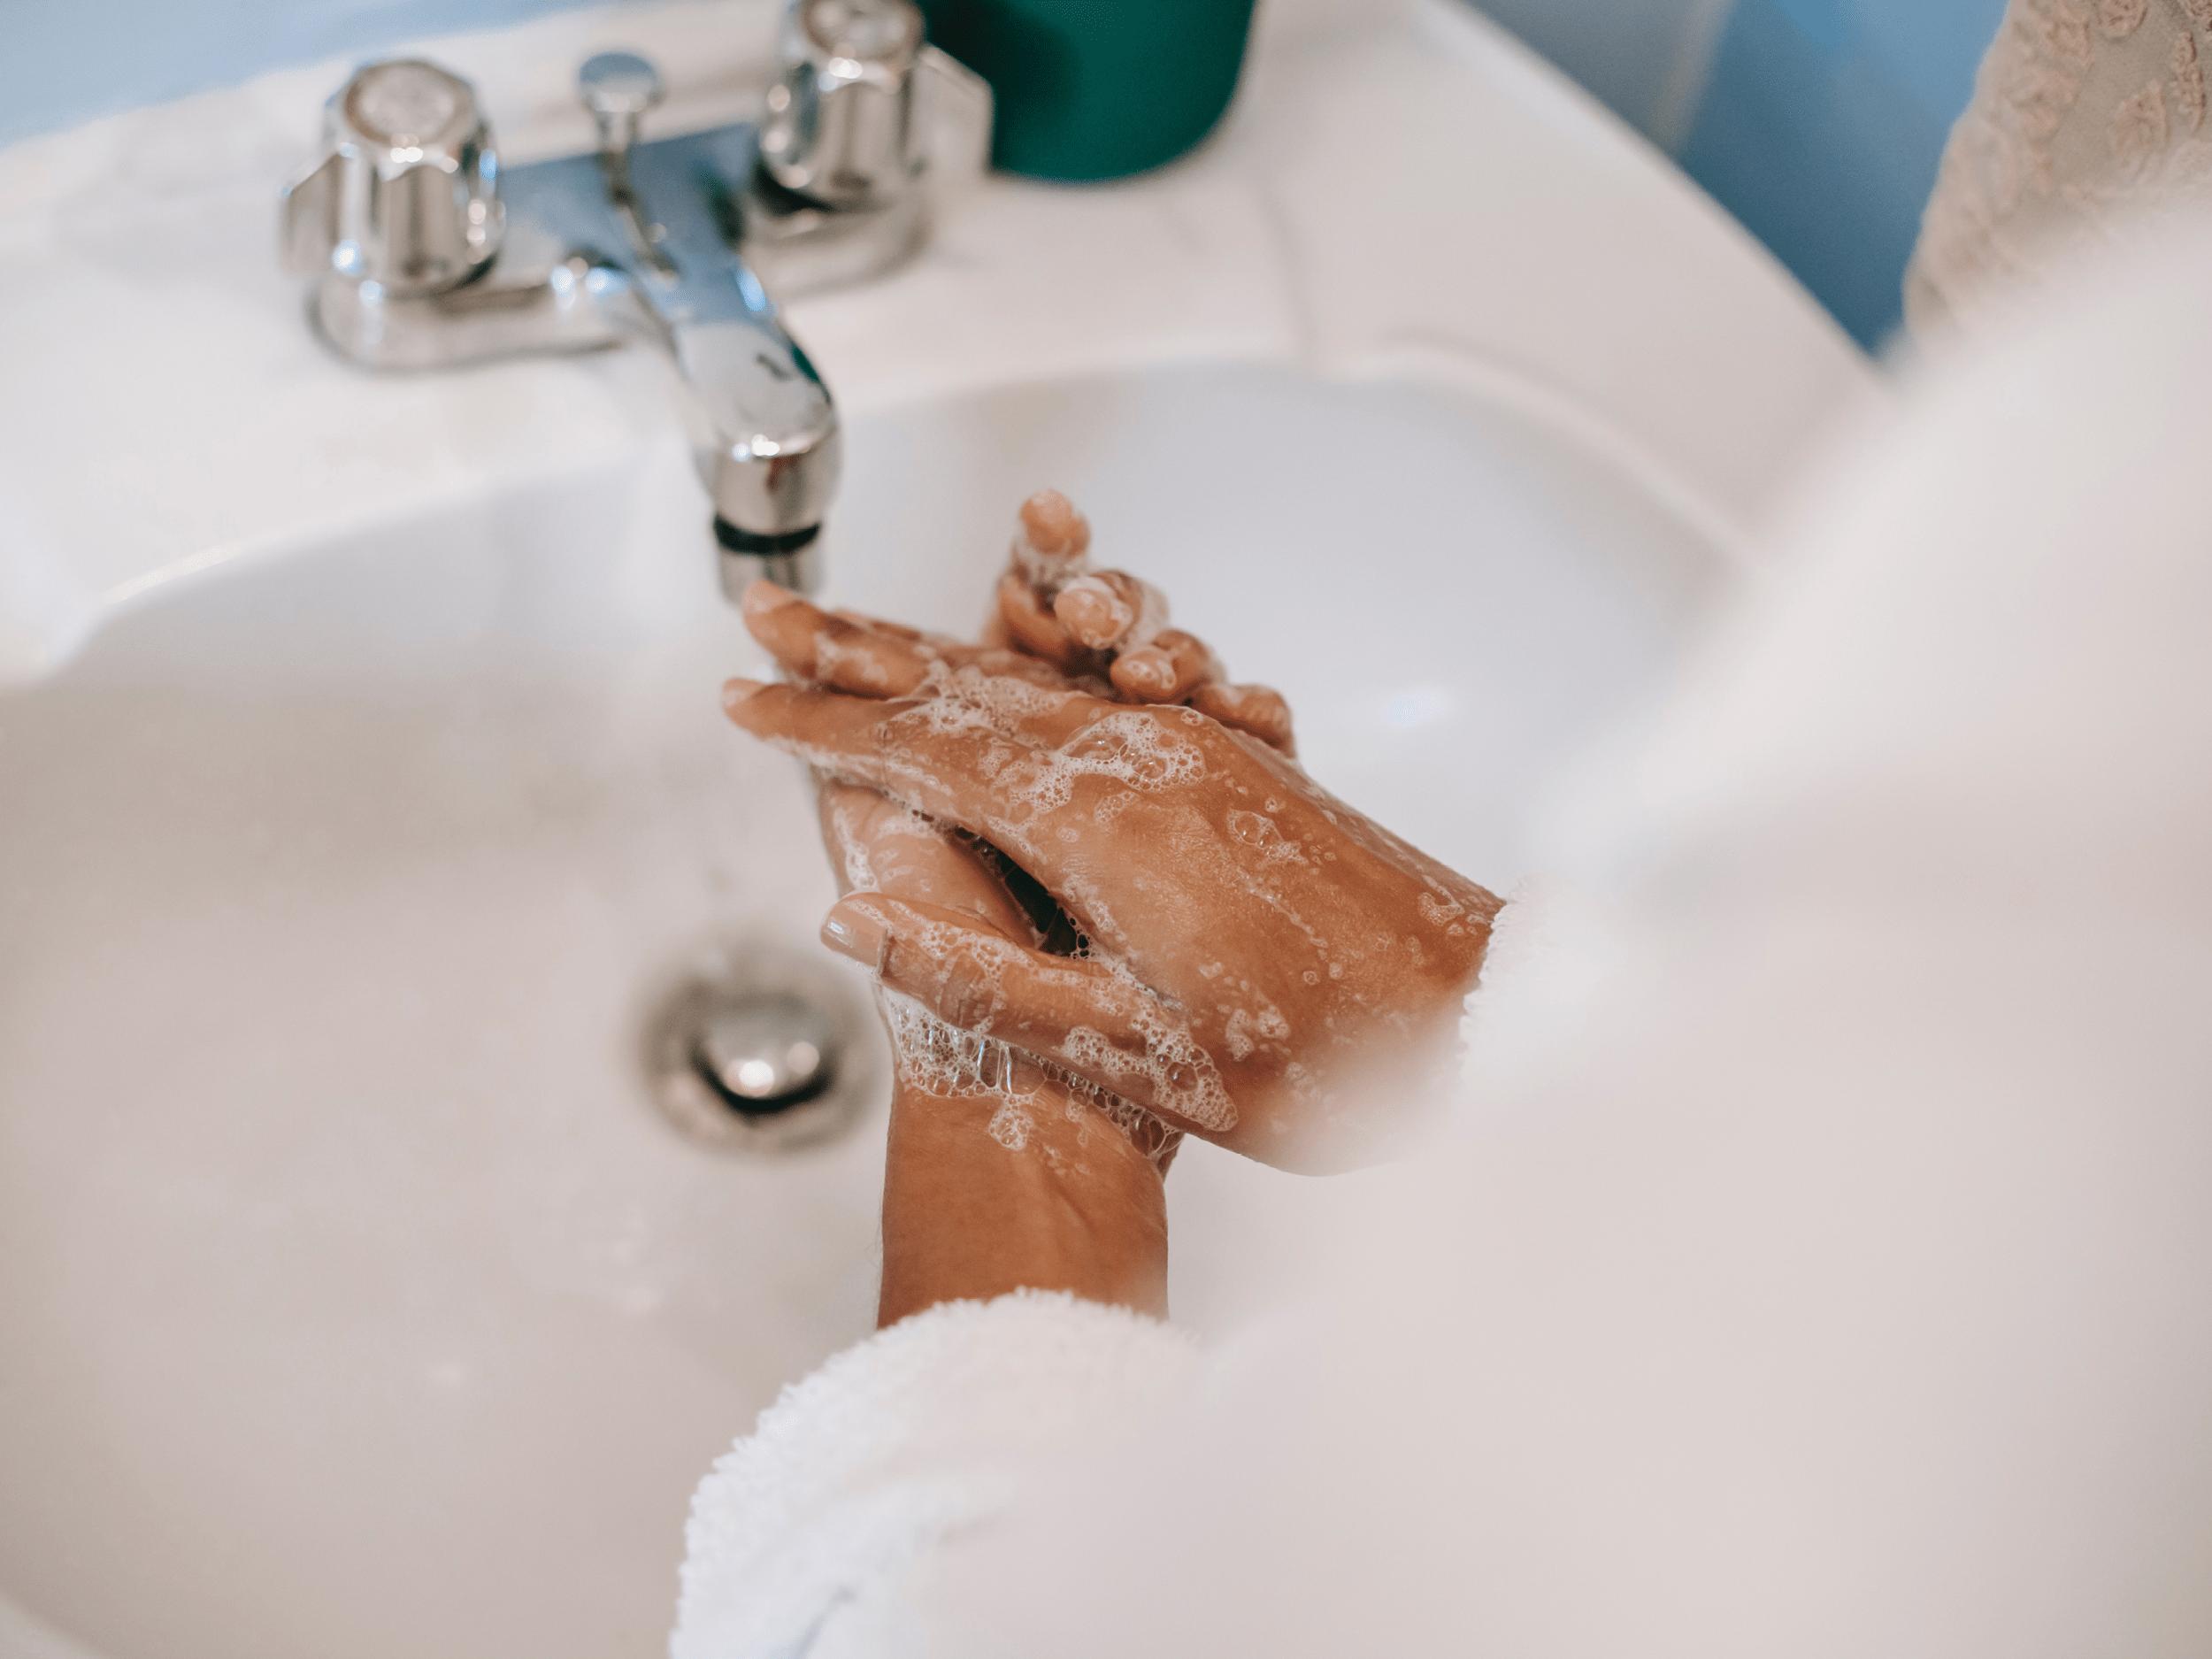 économiser-eau-laver-mains-couper-l'eau